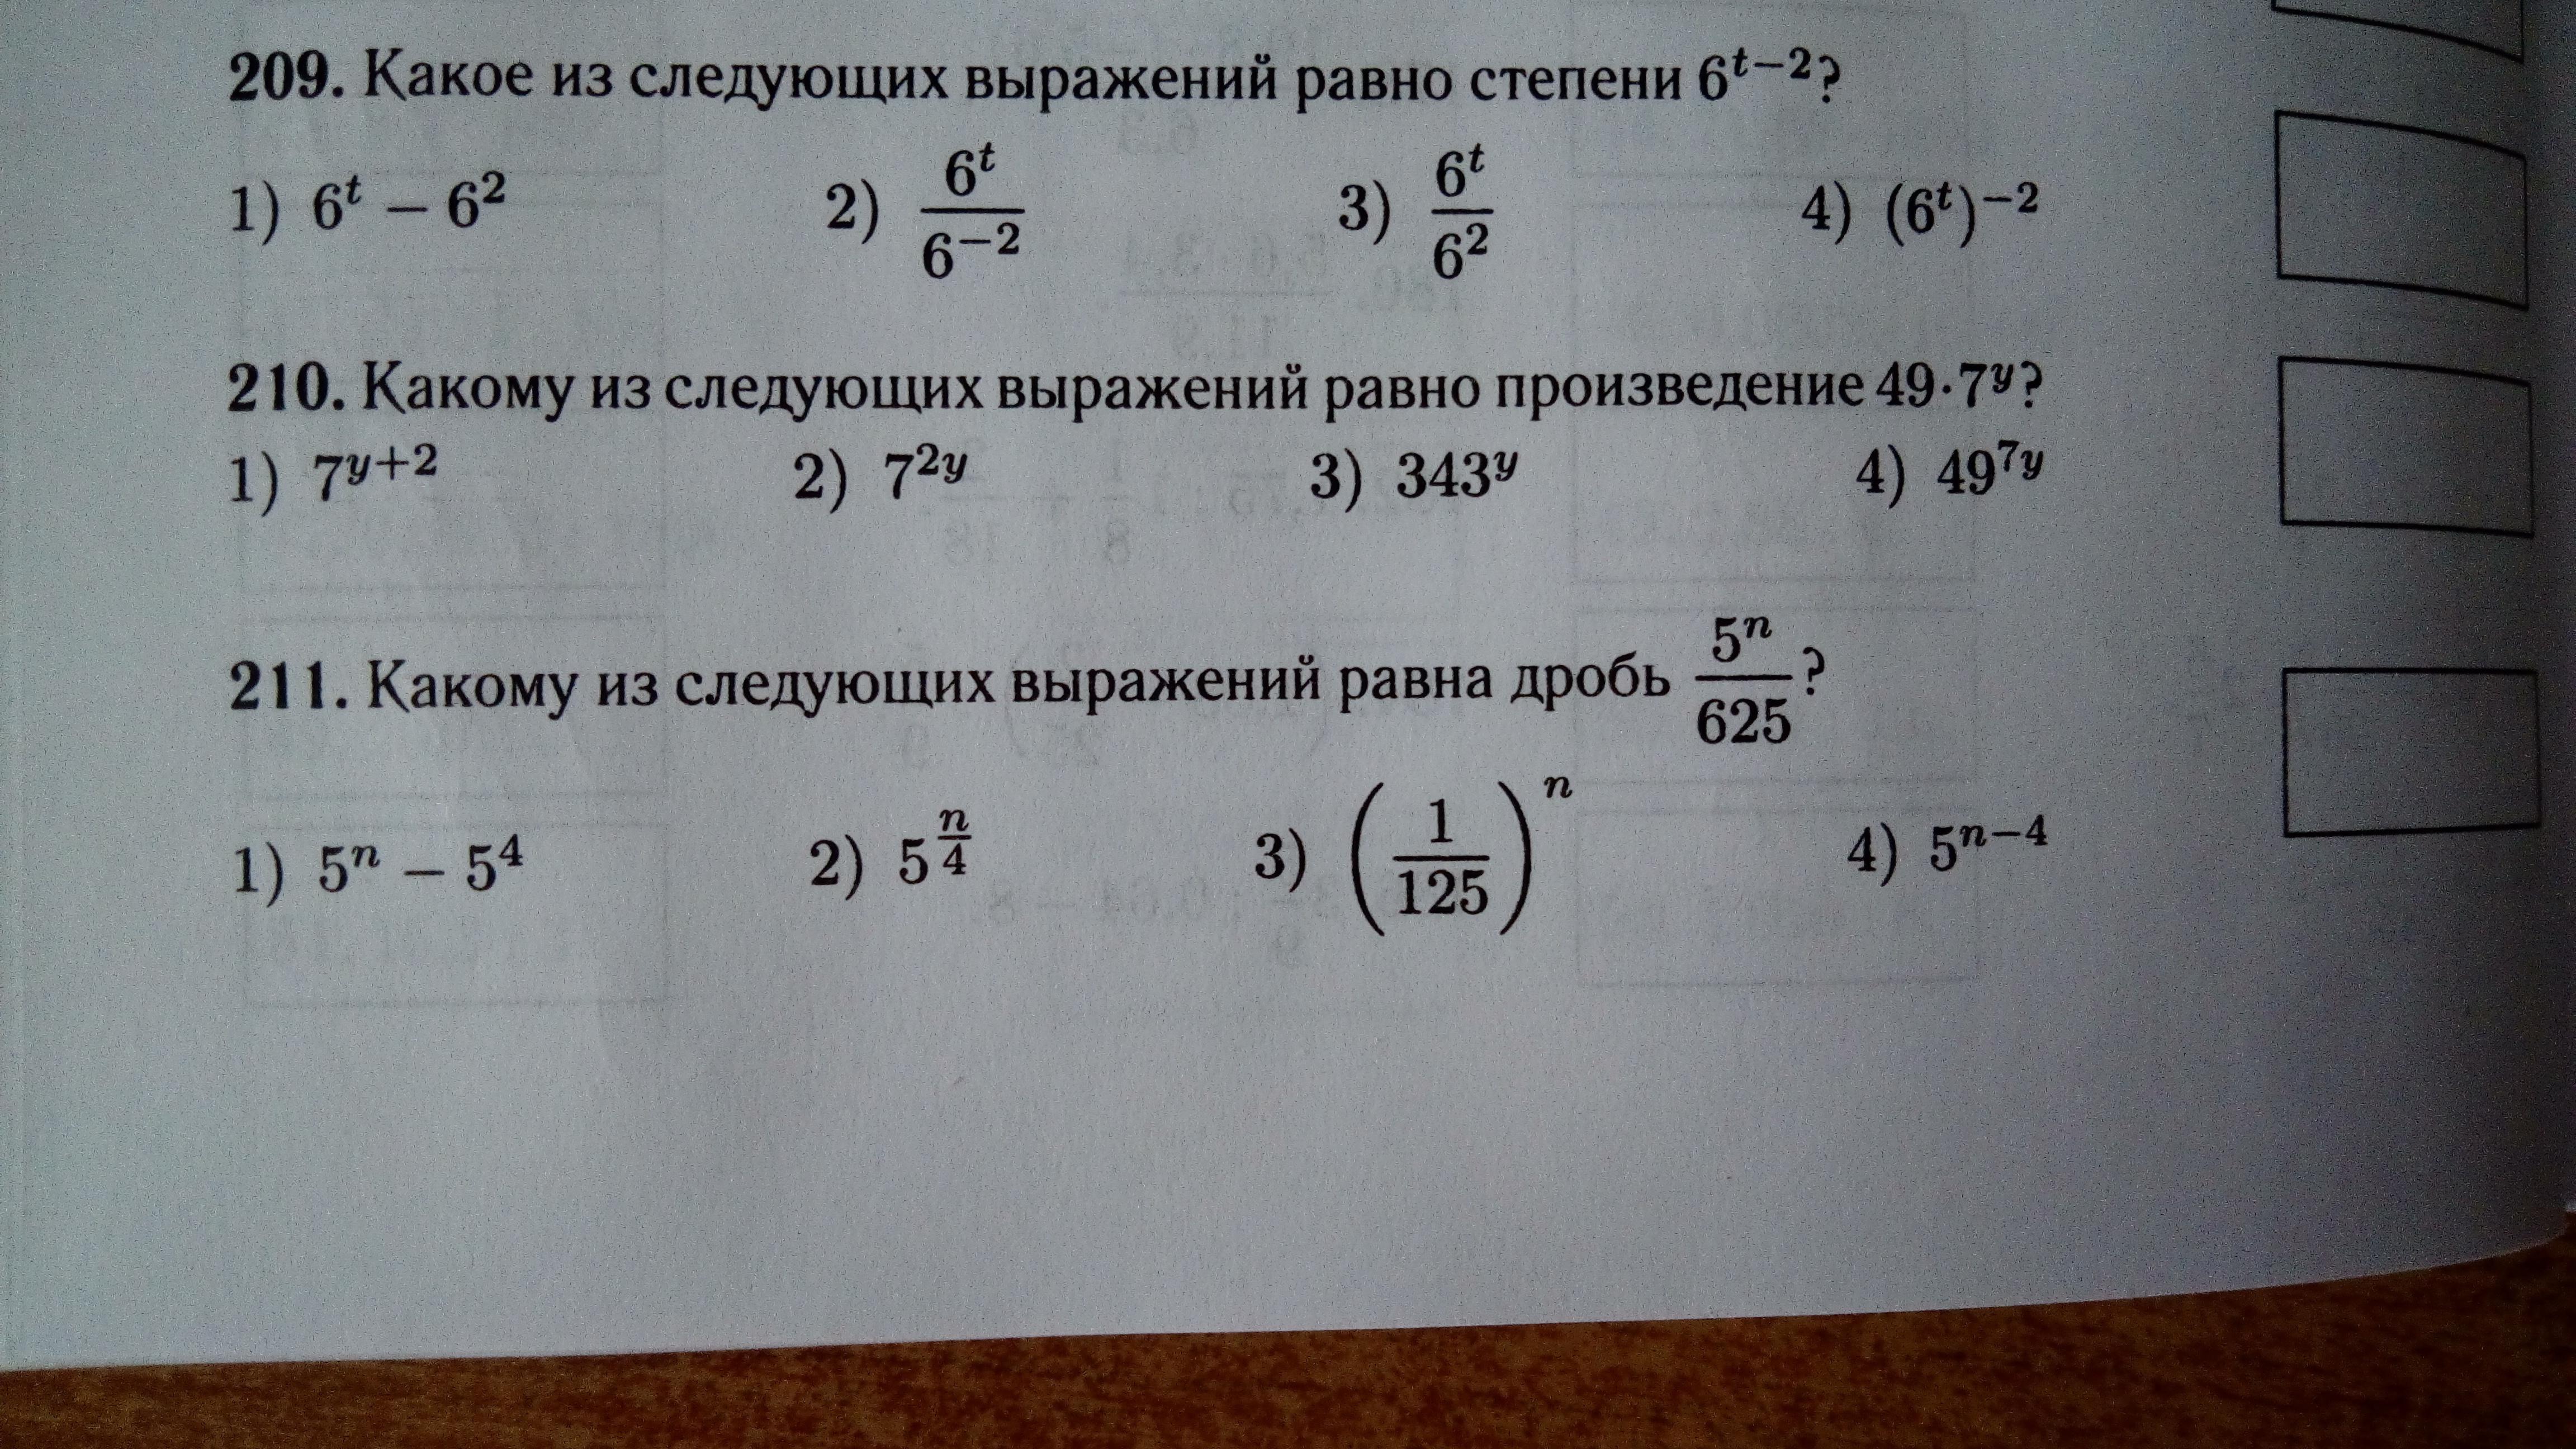 Помогите с тестом?